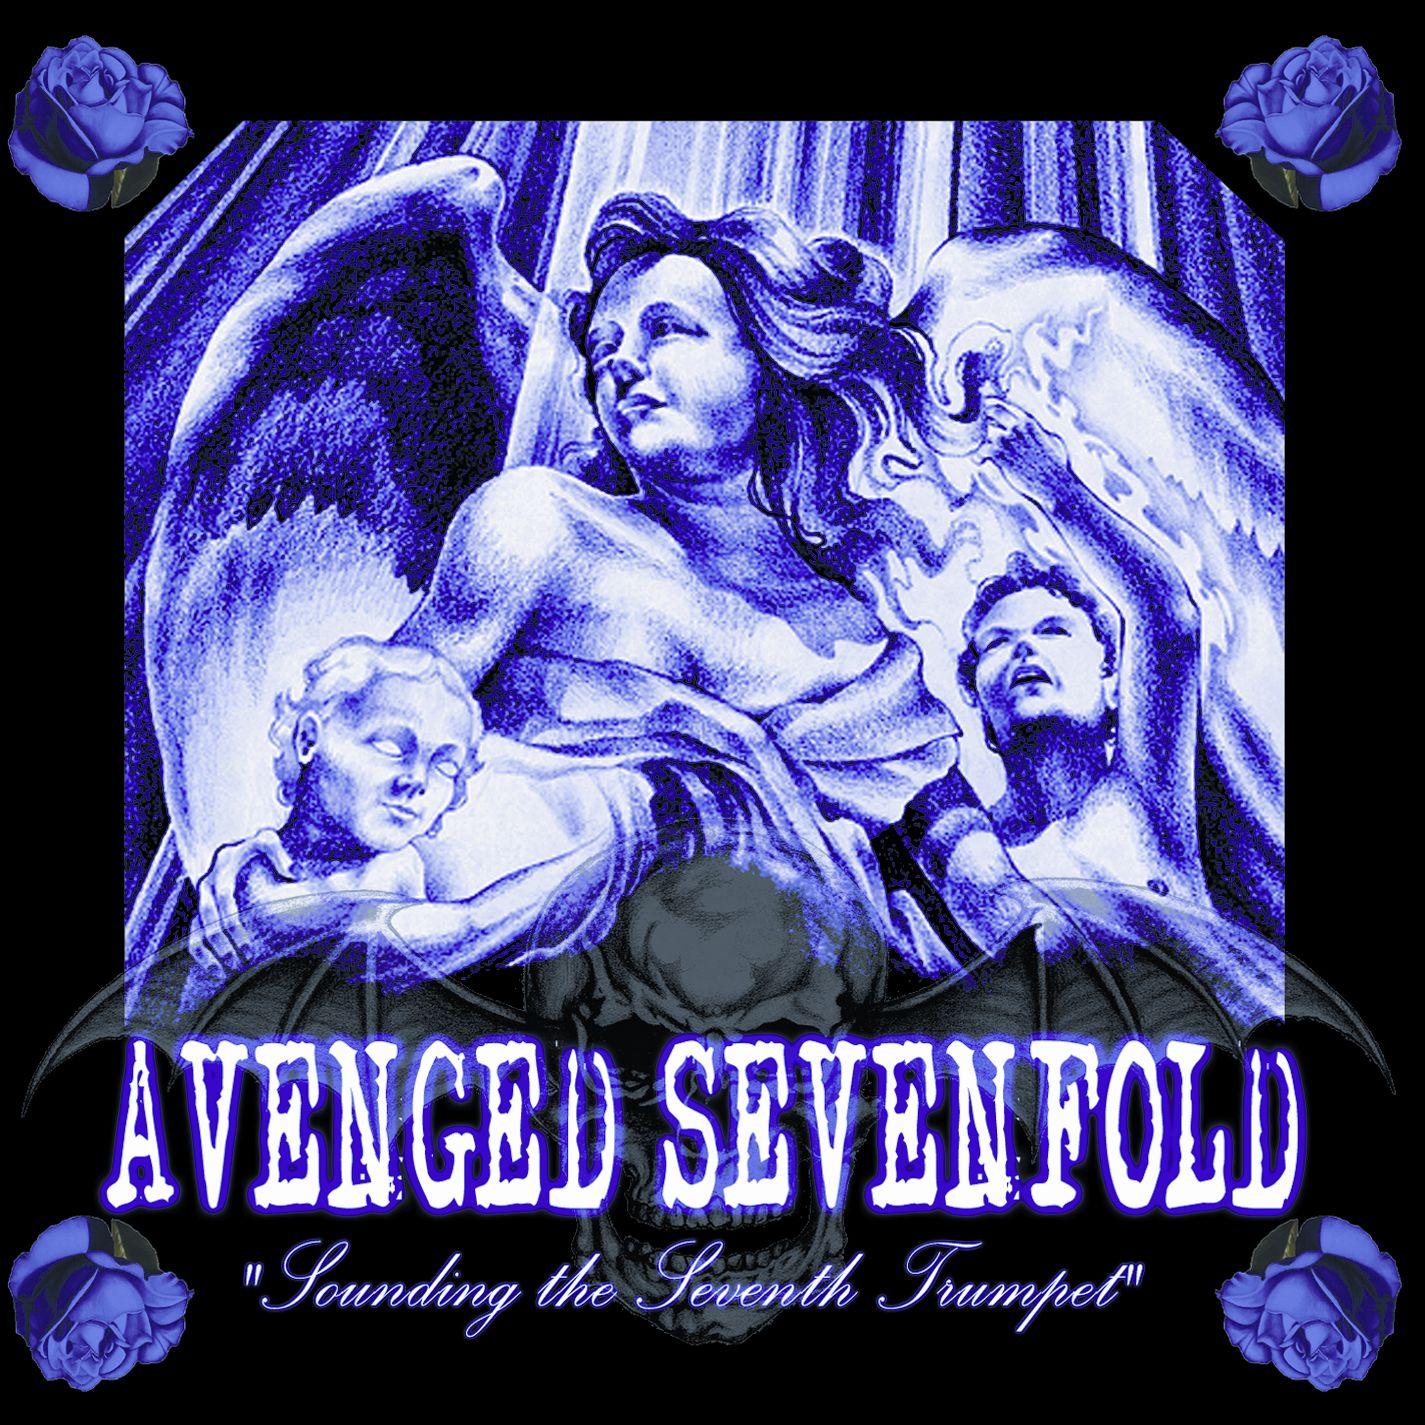 avenged sevenfold metalzone metal mp3 download. Black Bedroom Furniture Sets. Home Design Ideas